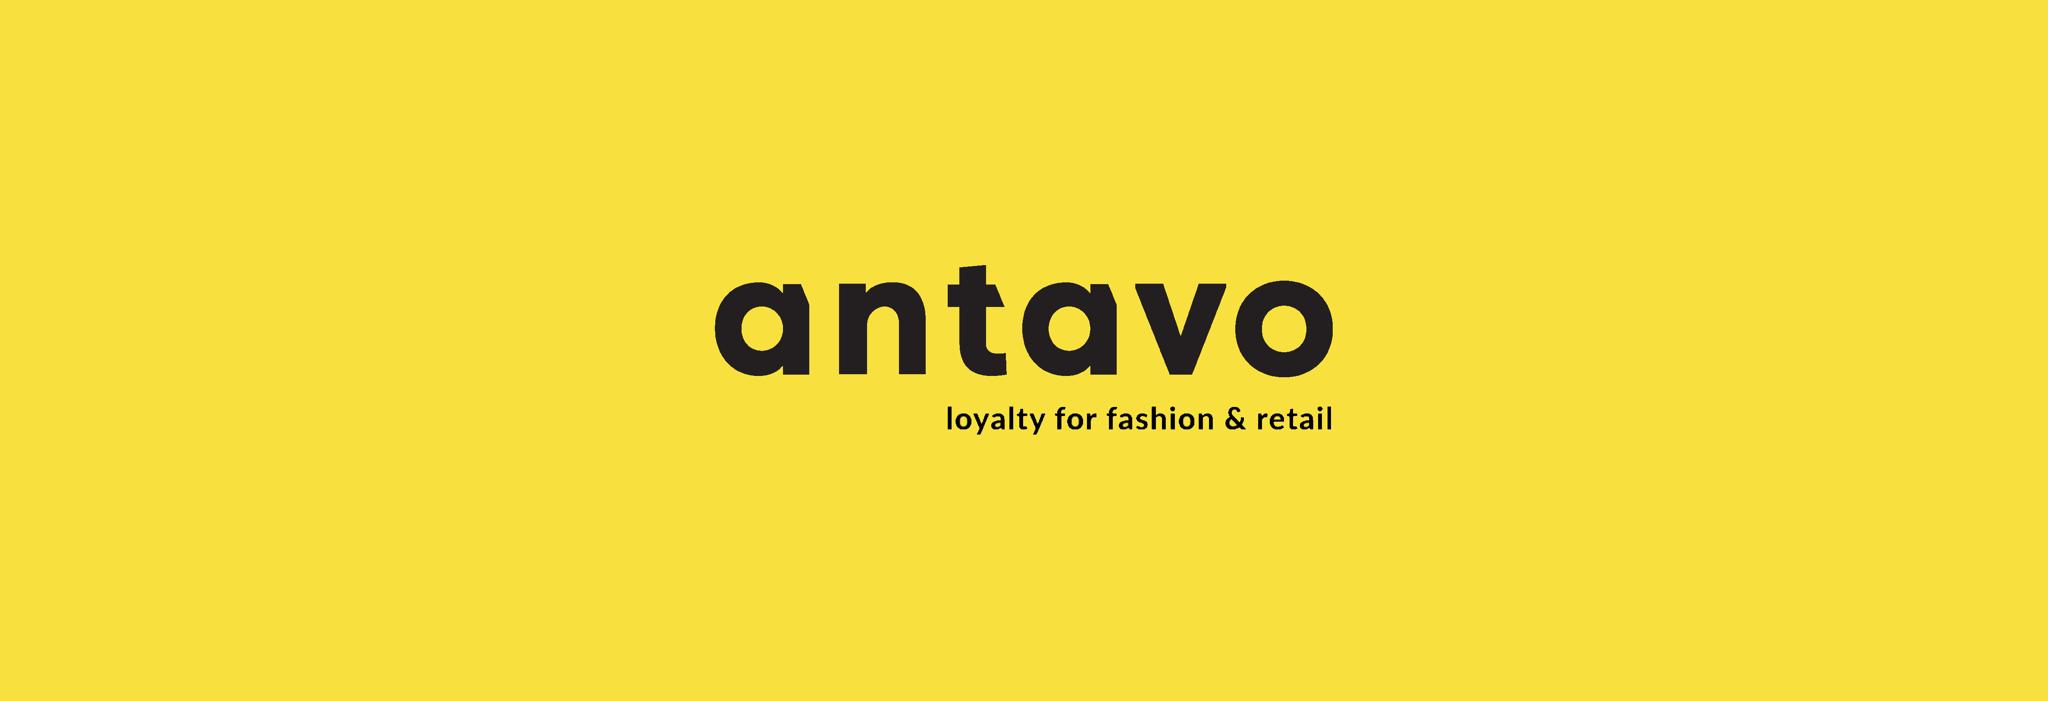 Fashion Loyalty